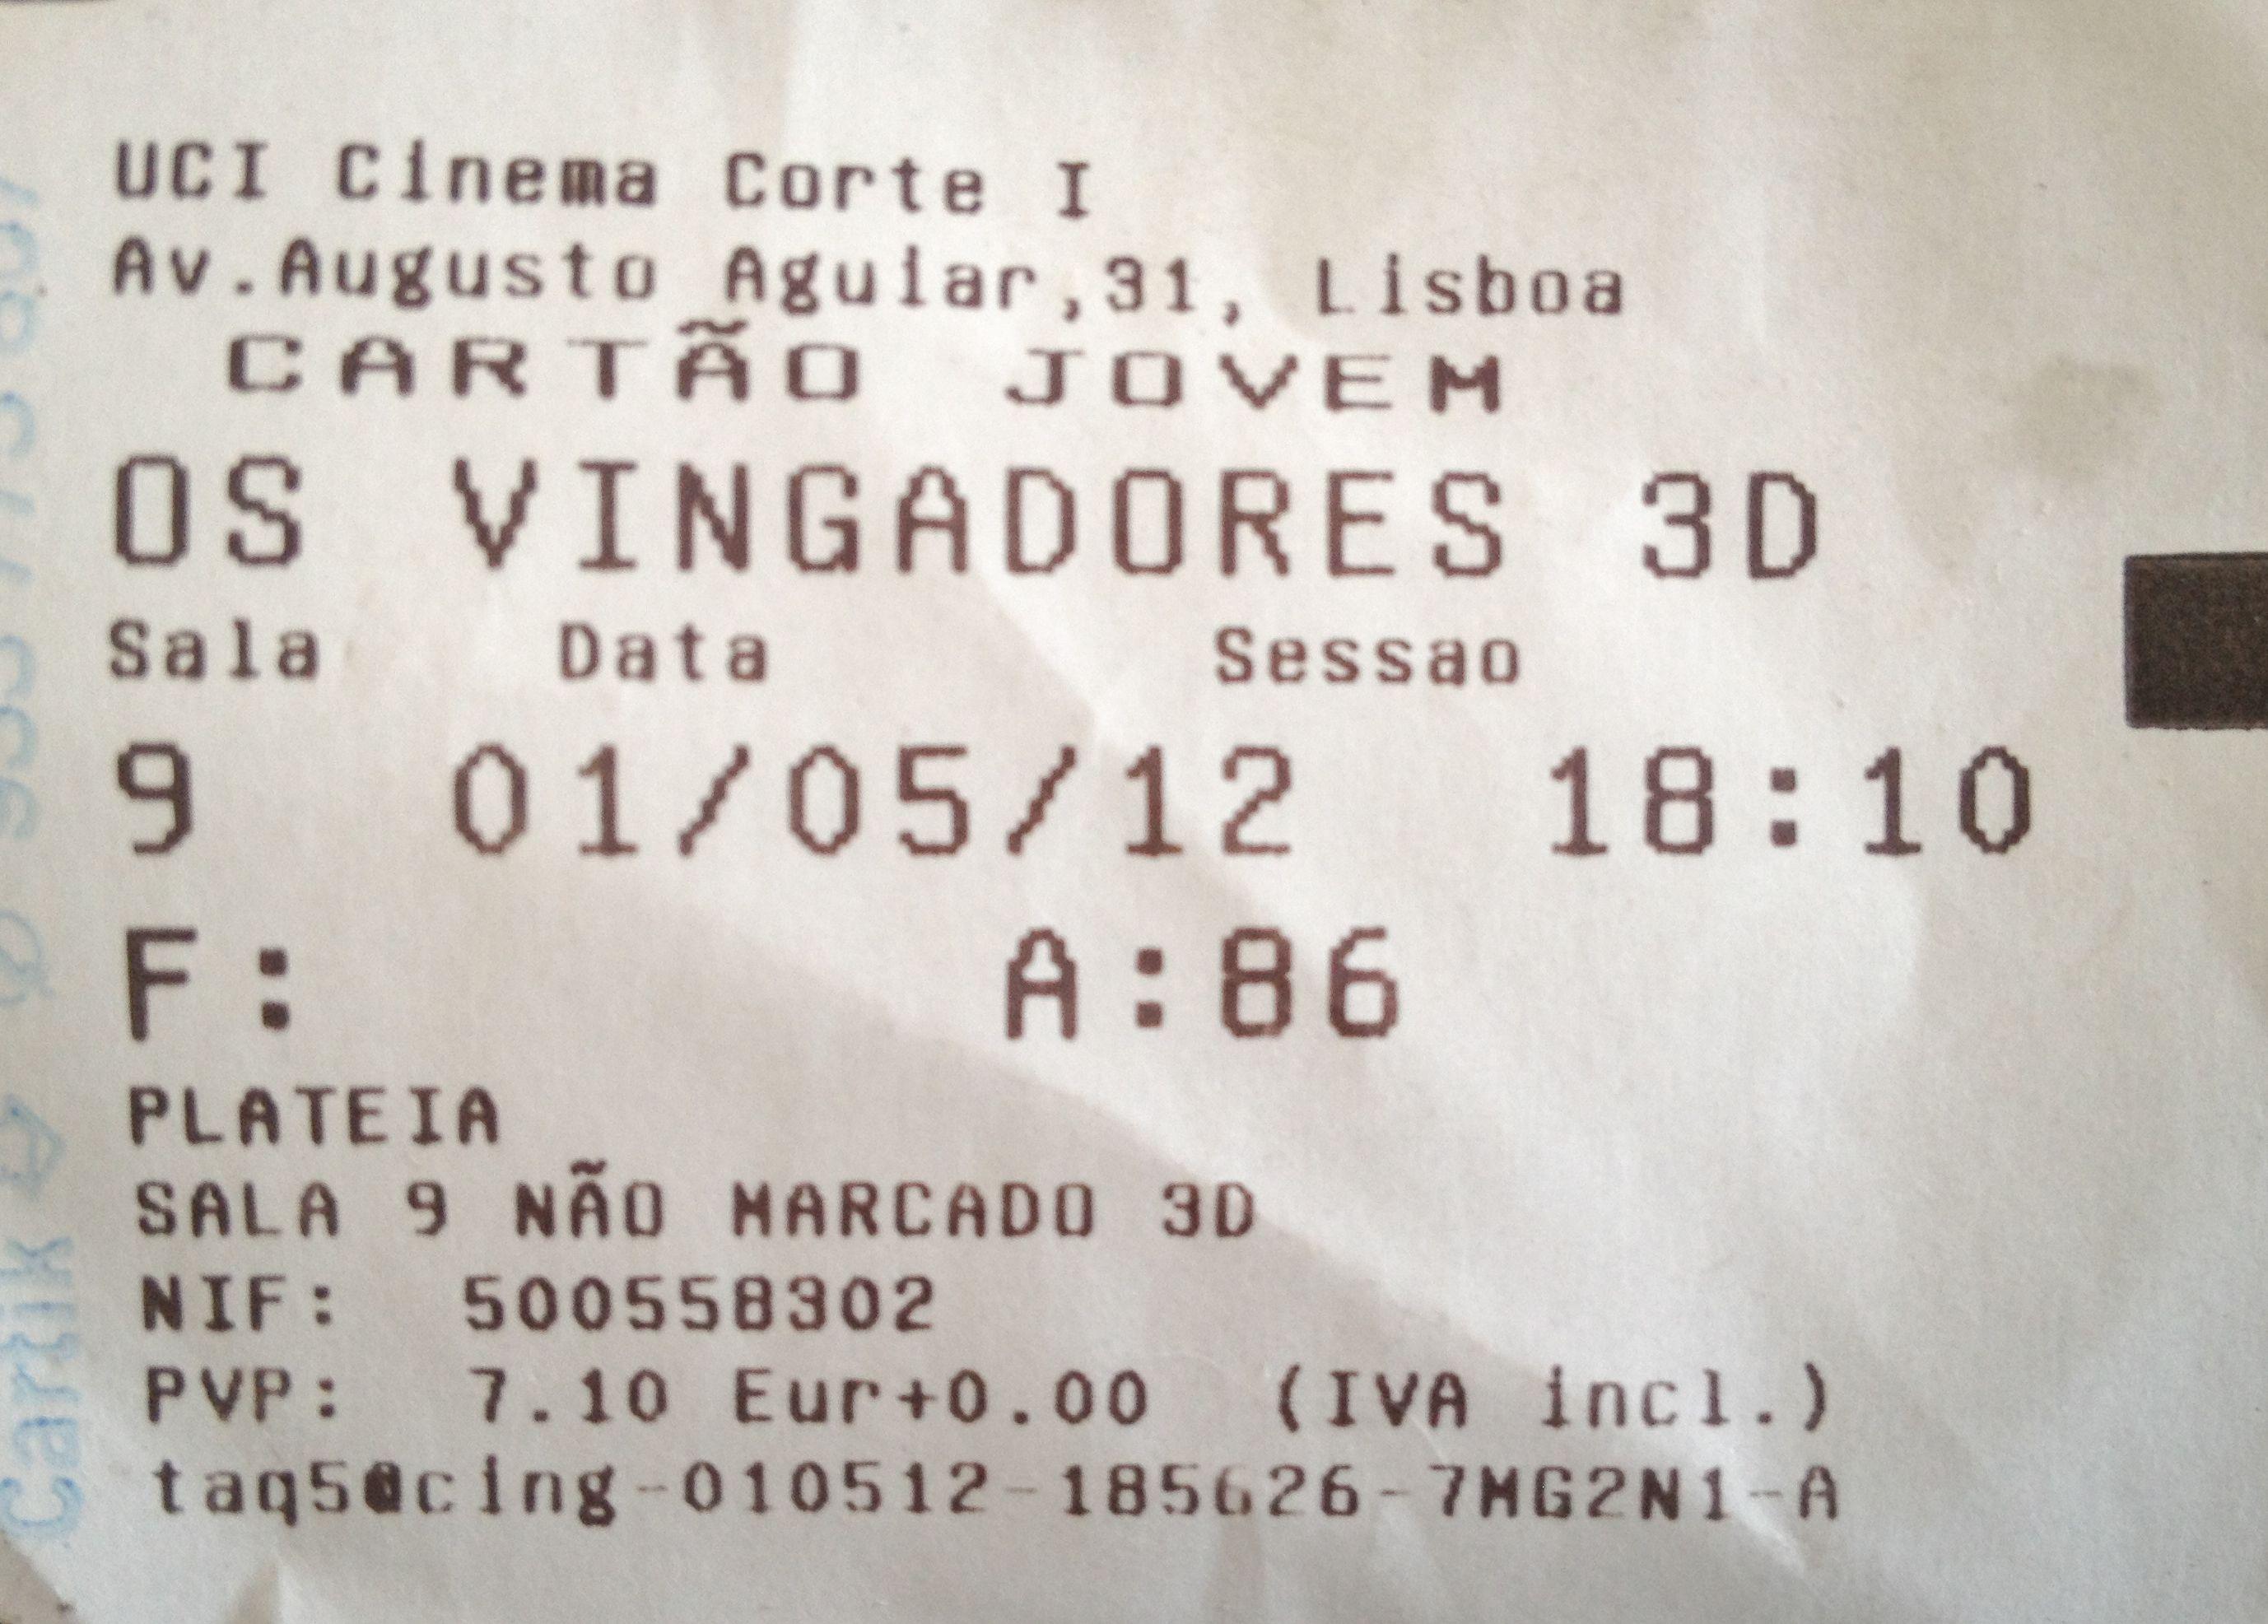 """Cinema: """"Os Vingadores"""" (The Avengers) (3D) @ Cinemas UCI El Corte Ingles, Lisboa a 1 de Maio de 2012."""